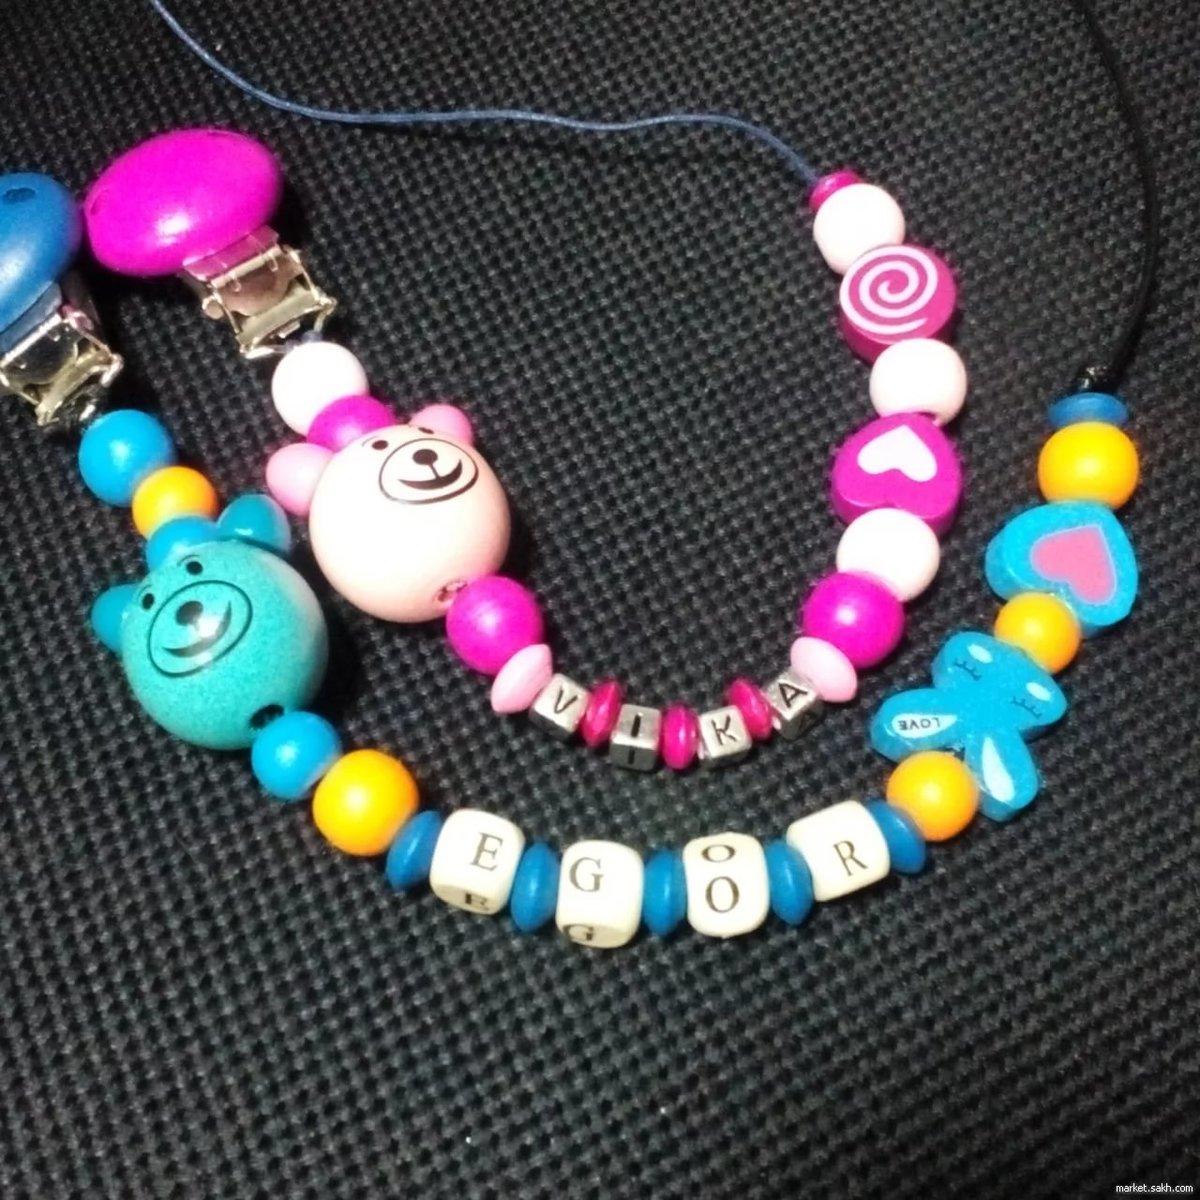 Купить детские браслеты для ваших малышей или сделать именной браслет по своему эскизу?